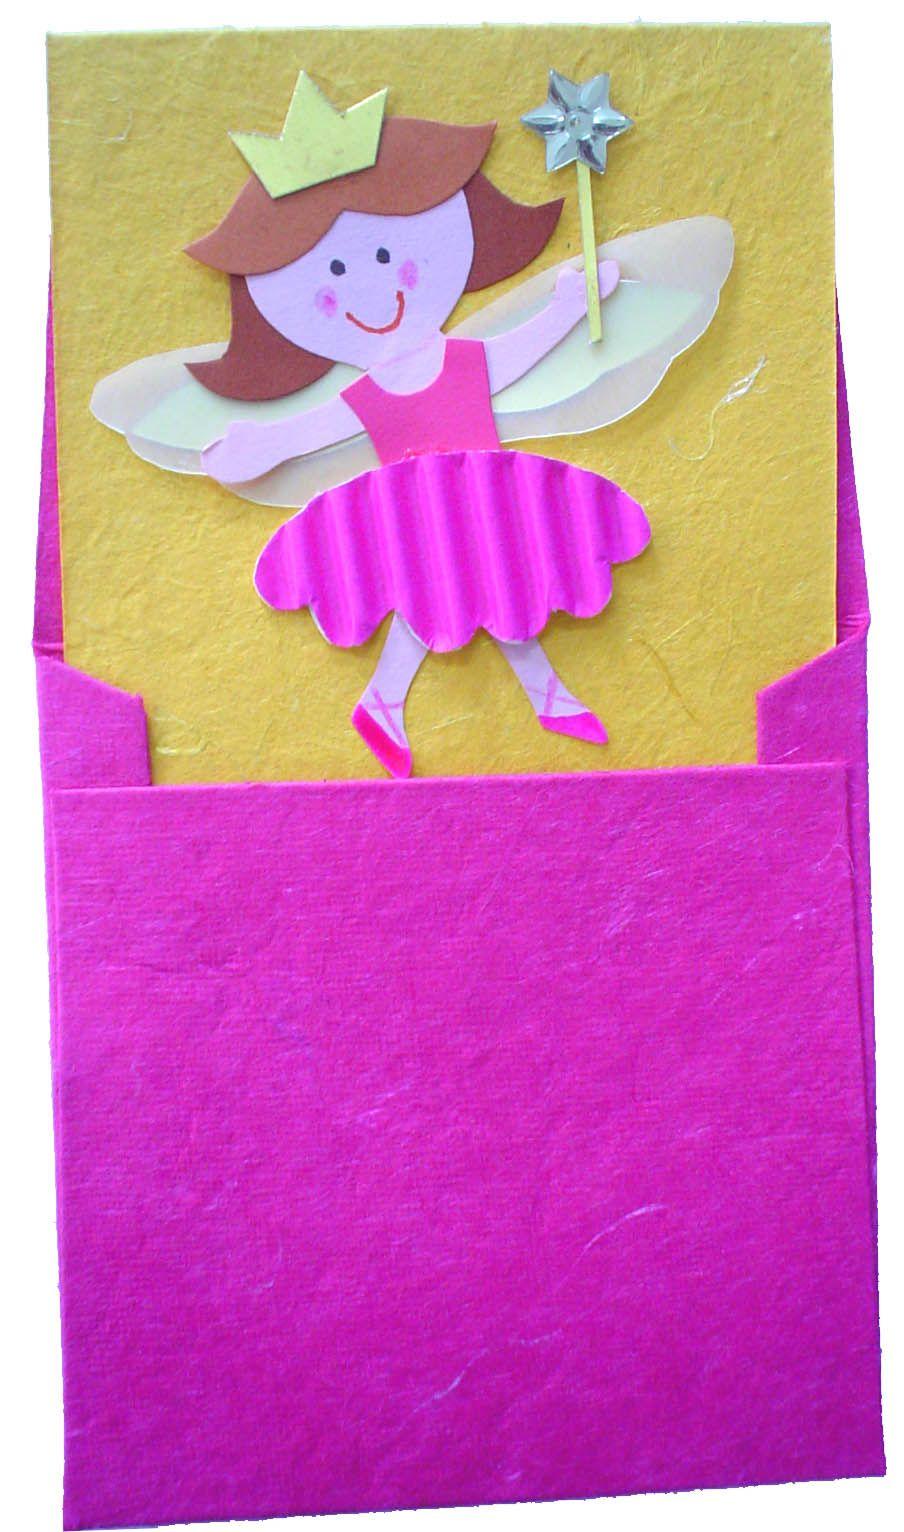 Lovely Rakhi Greeting Cards For Girls Latest News Pinterest